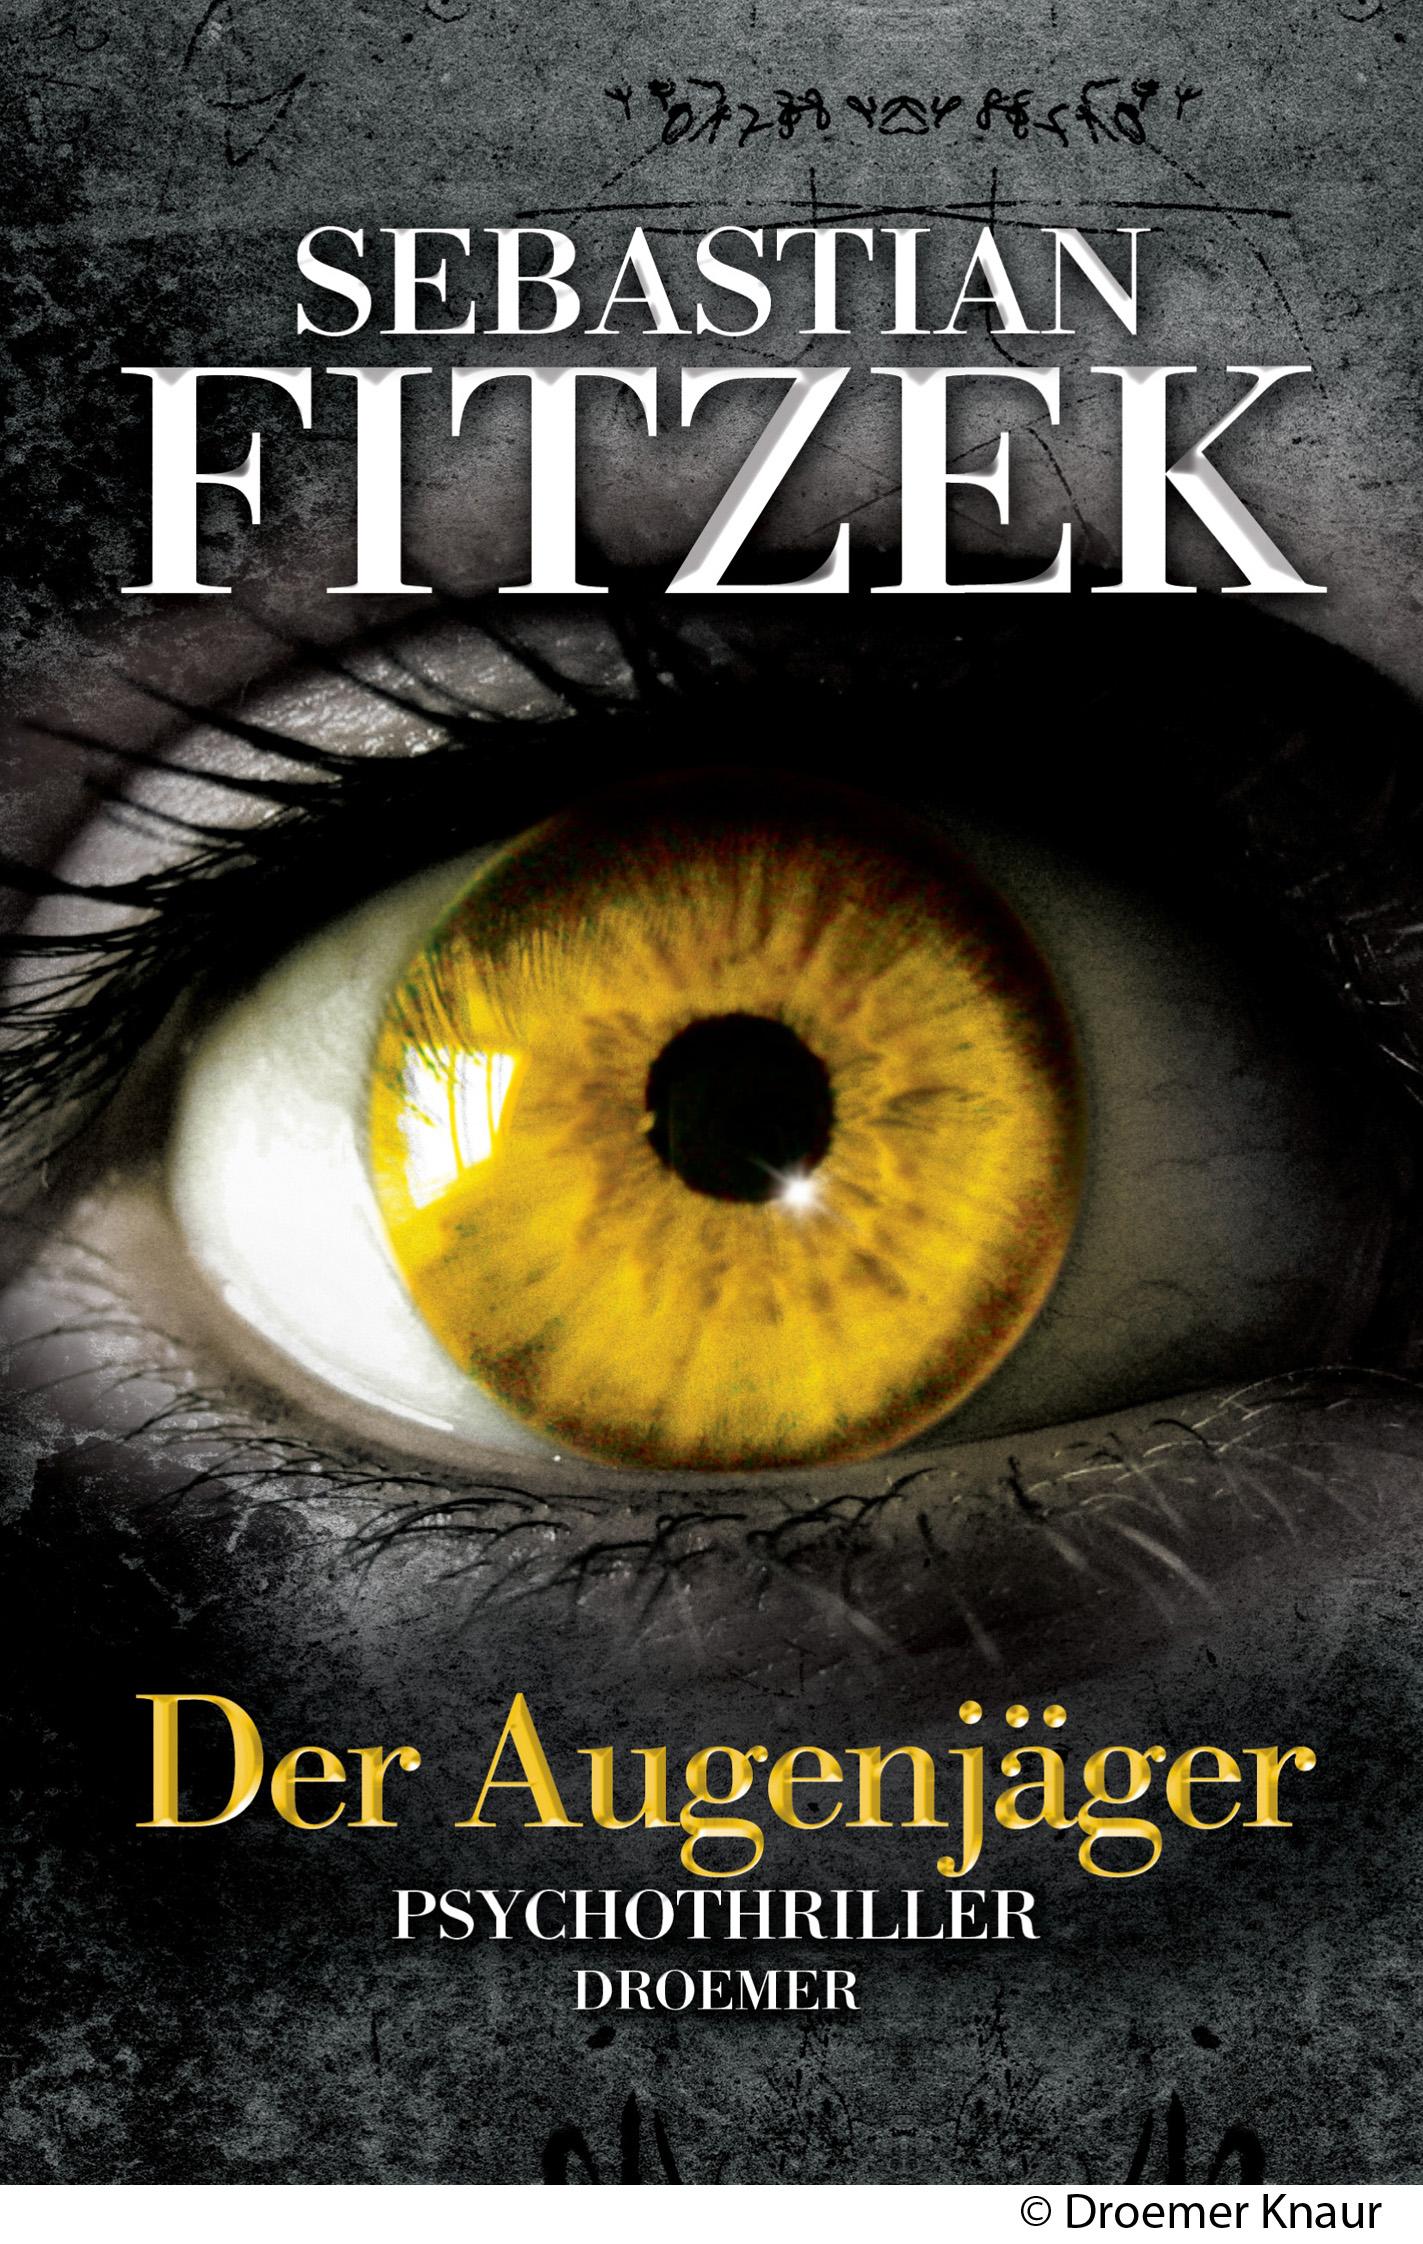 cover_augenjaeger-fitzek